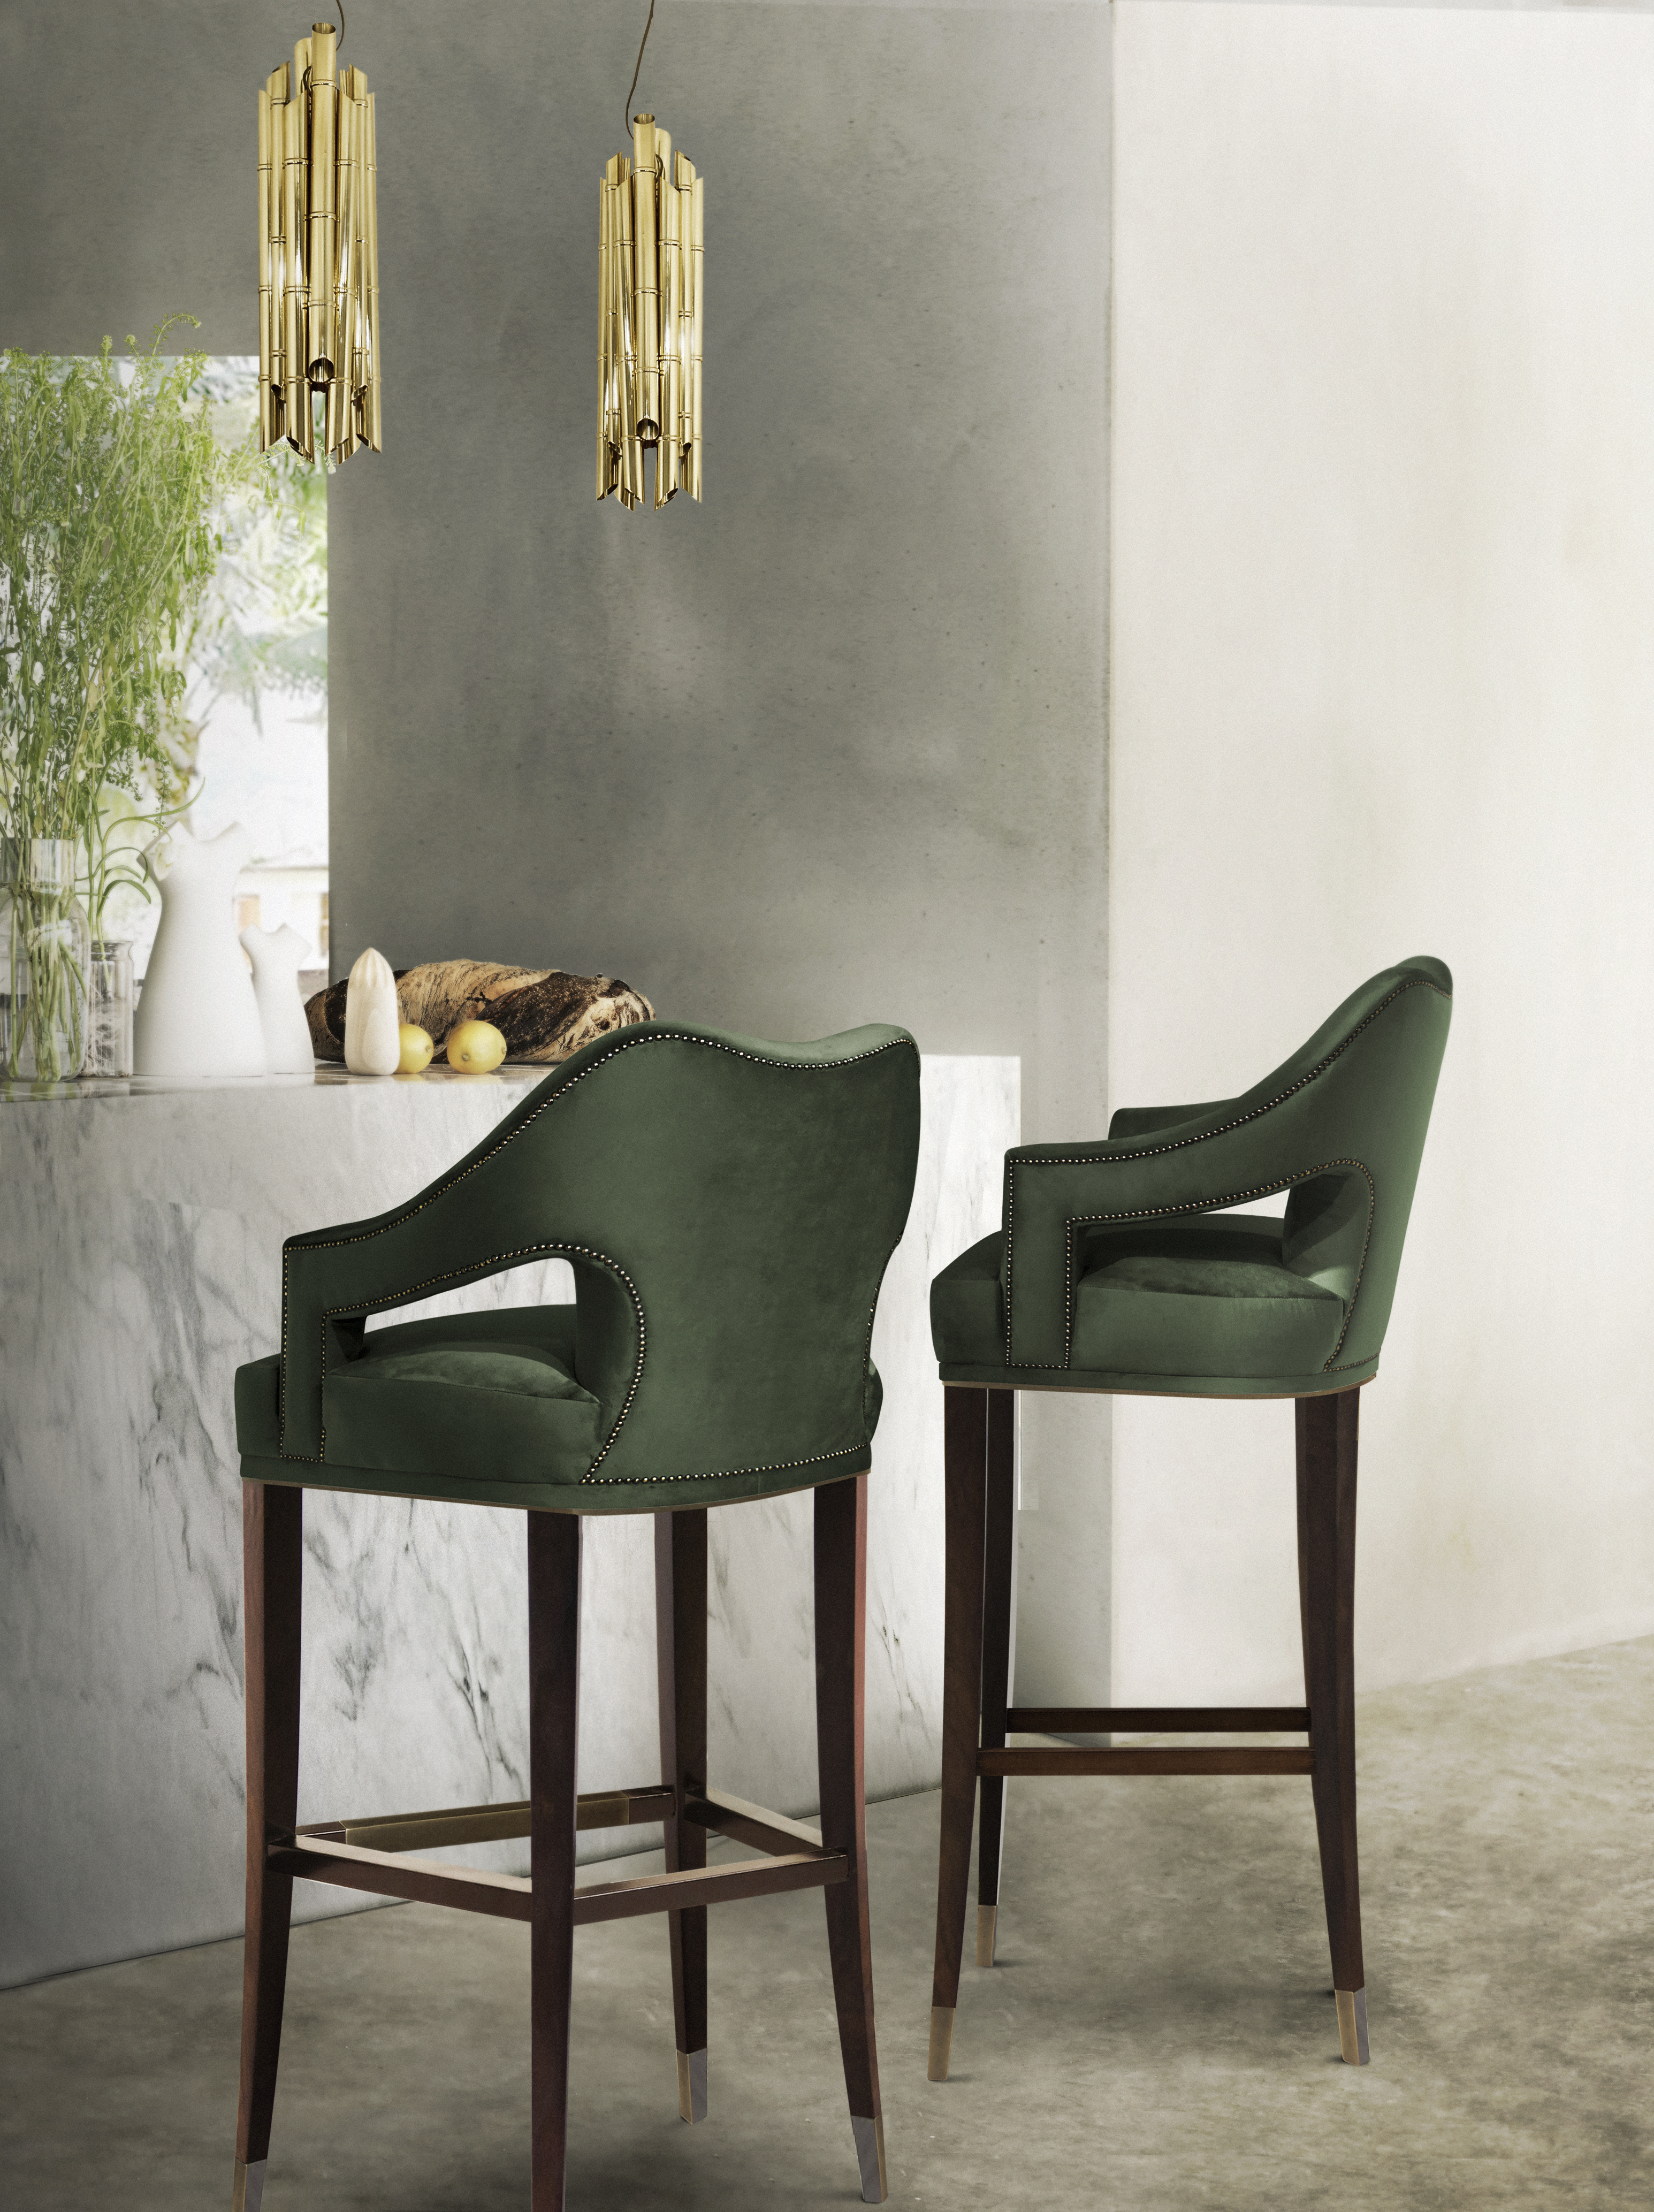 барный стул барный стул Идеальный современный барный стул: Как выбрать brabbu ambience press 58 HR 1